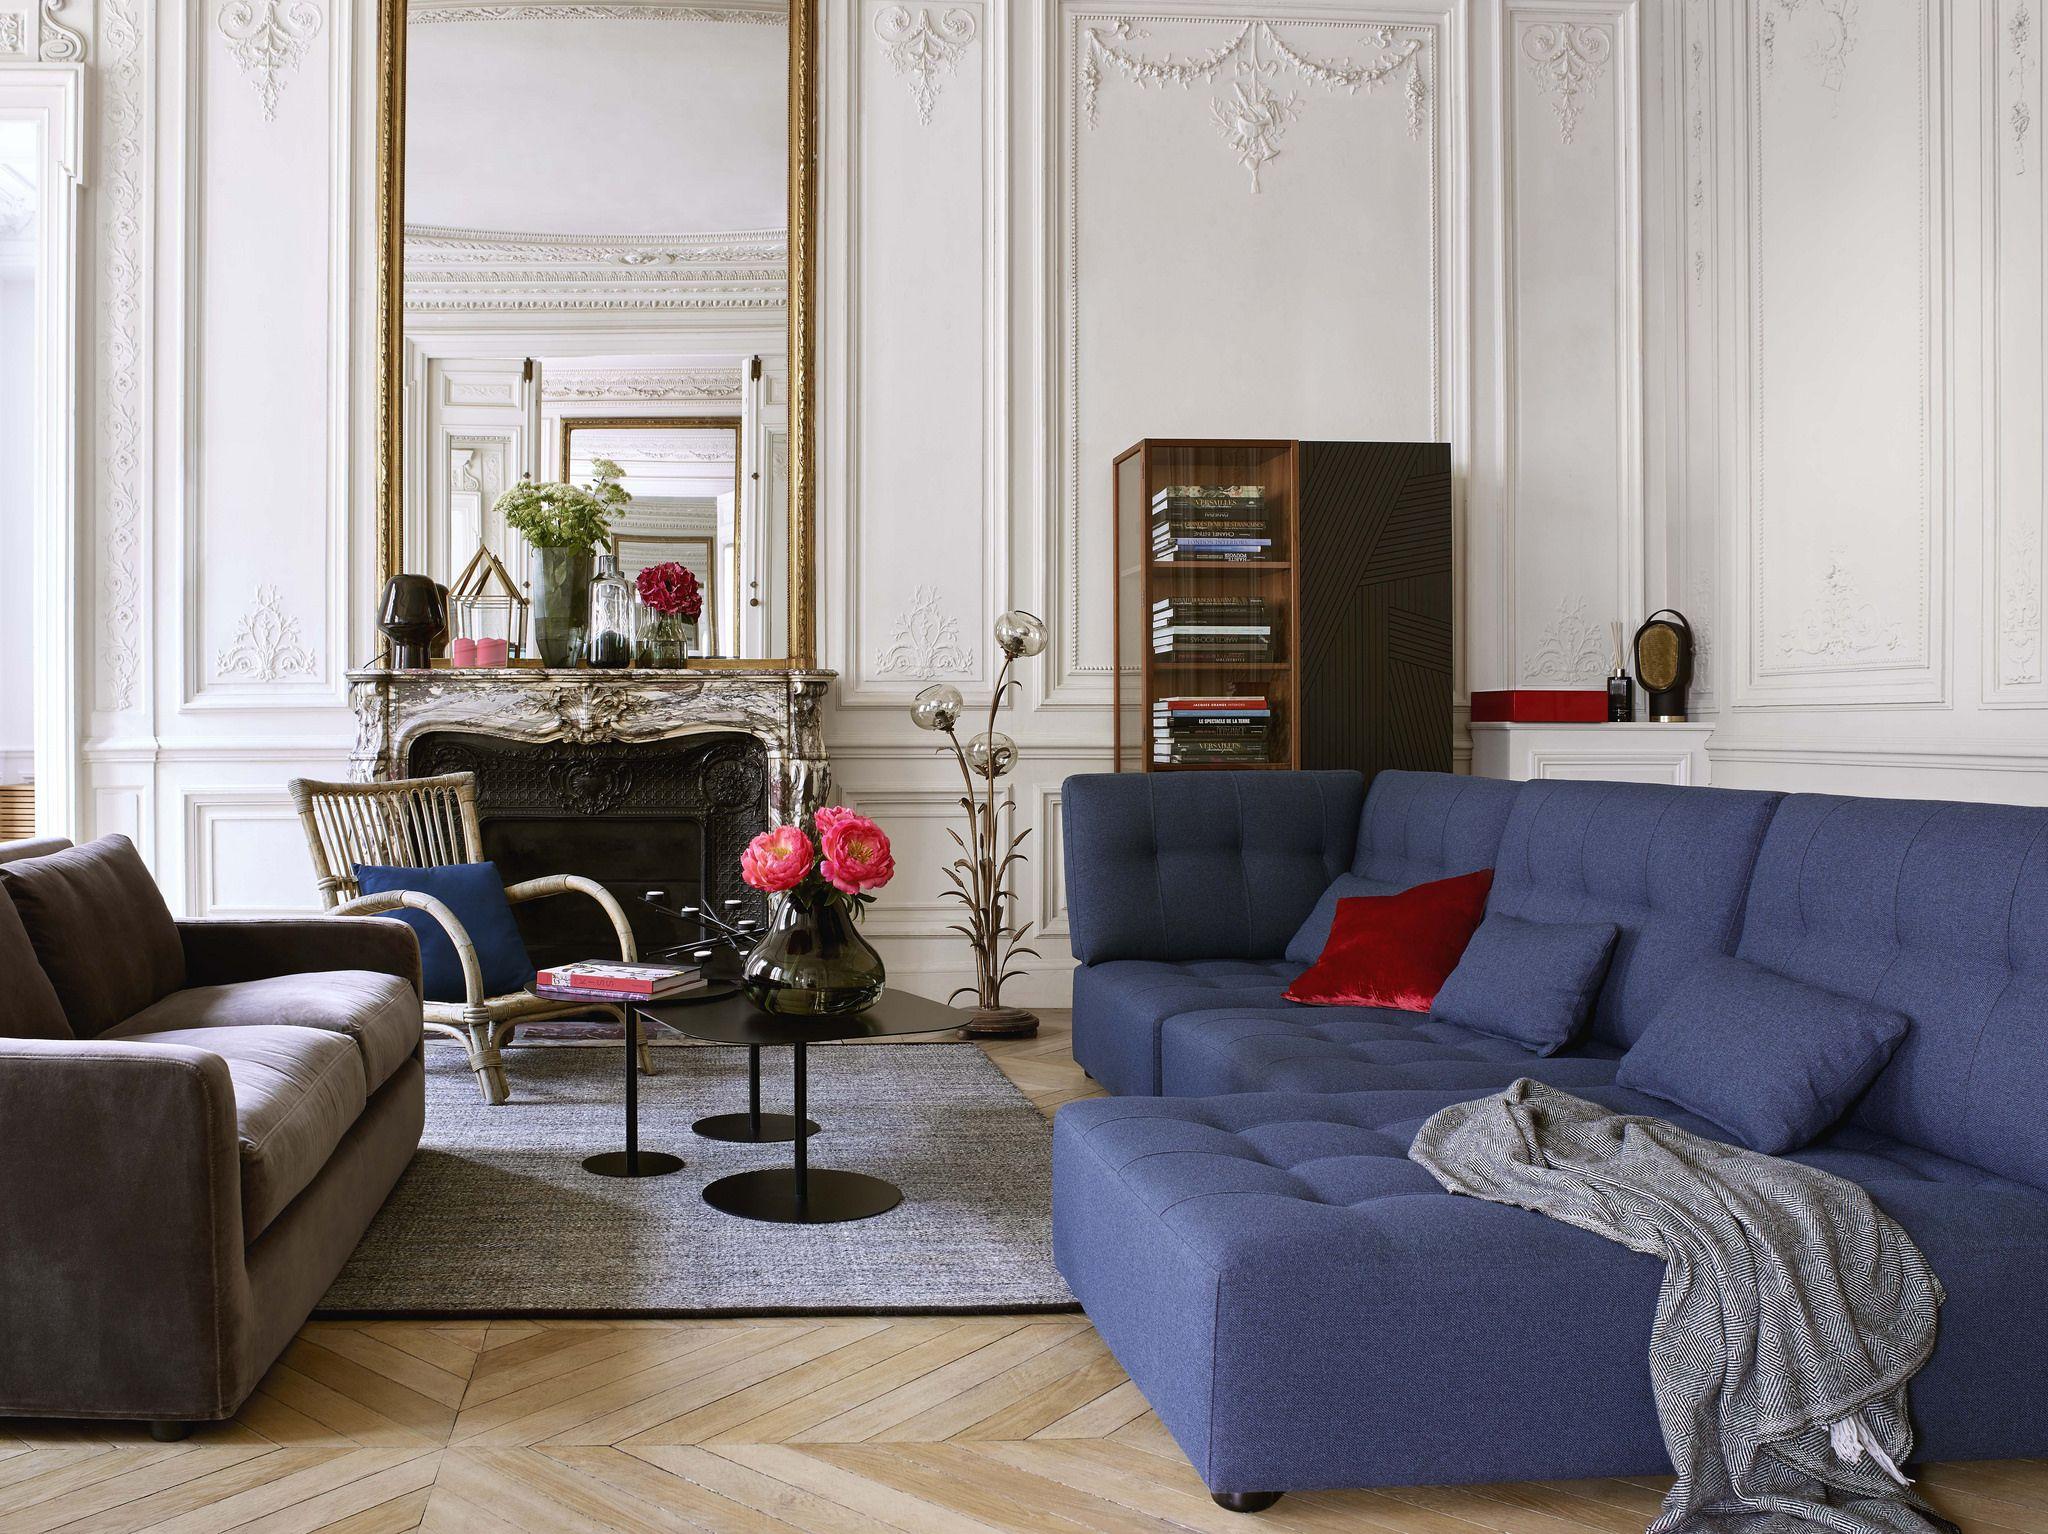 Habitat Design Reiko Est Une Gamme De Canapes Modulables Qui S Adapte A Tous Les Espaces Elle A Ete Dessi Decoration Maison Canape Modulable Idees De Decor